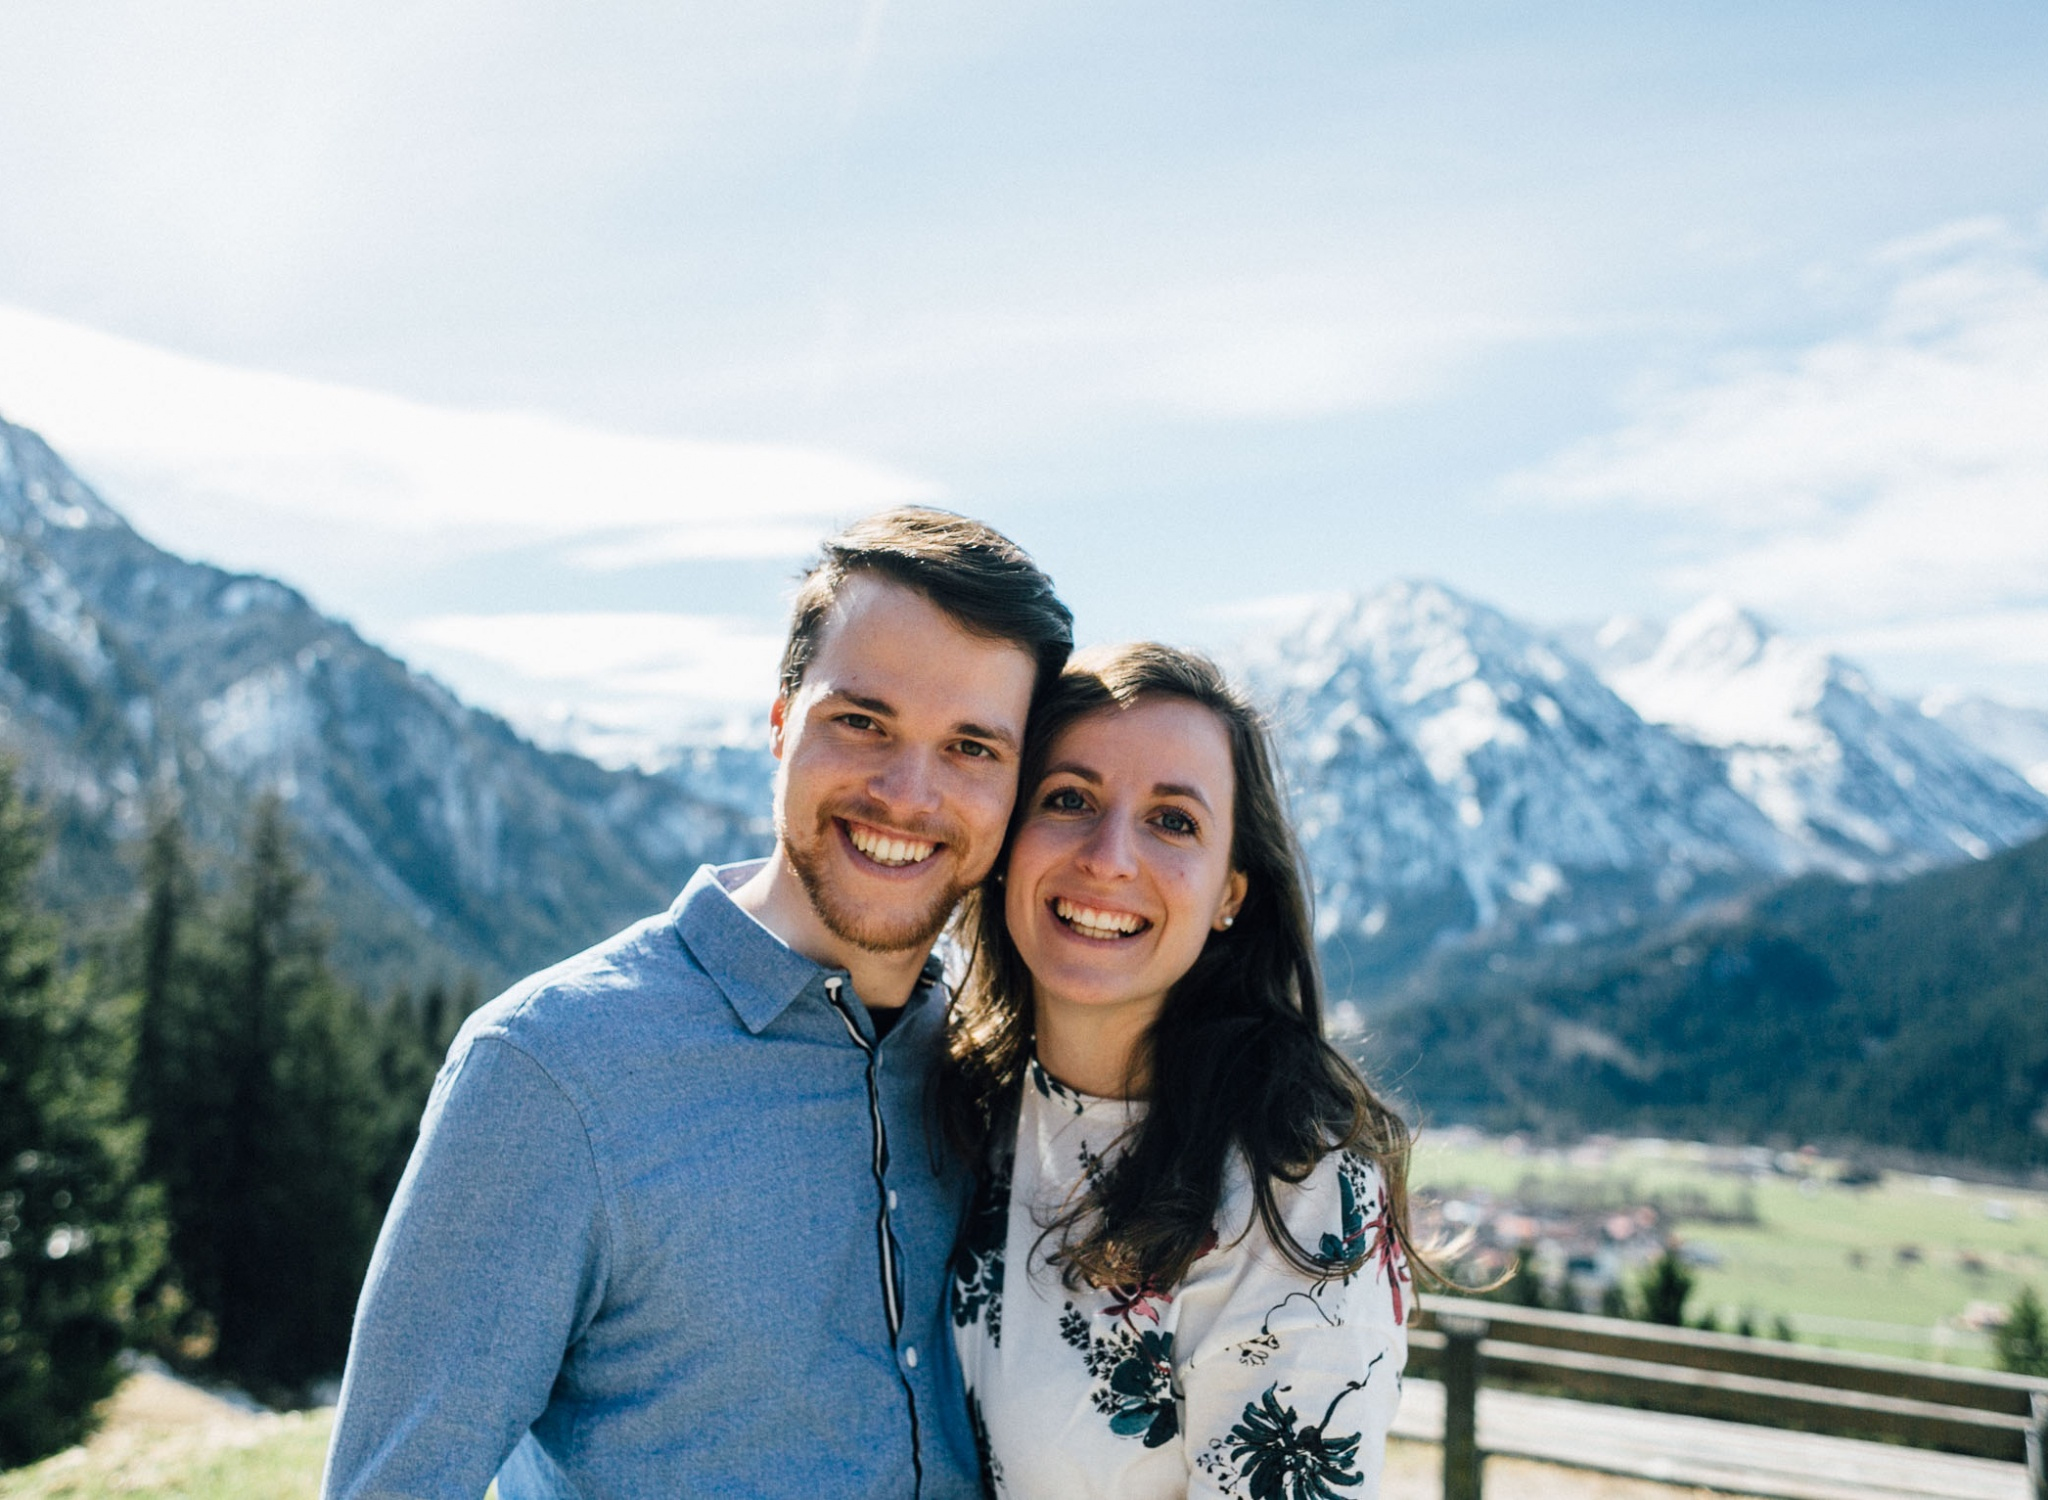 Hochzeit in den Bergen Shooting